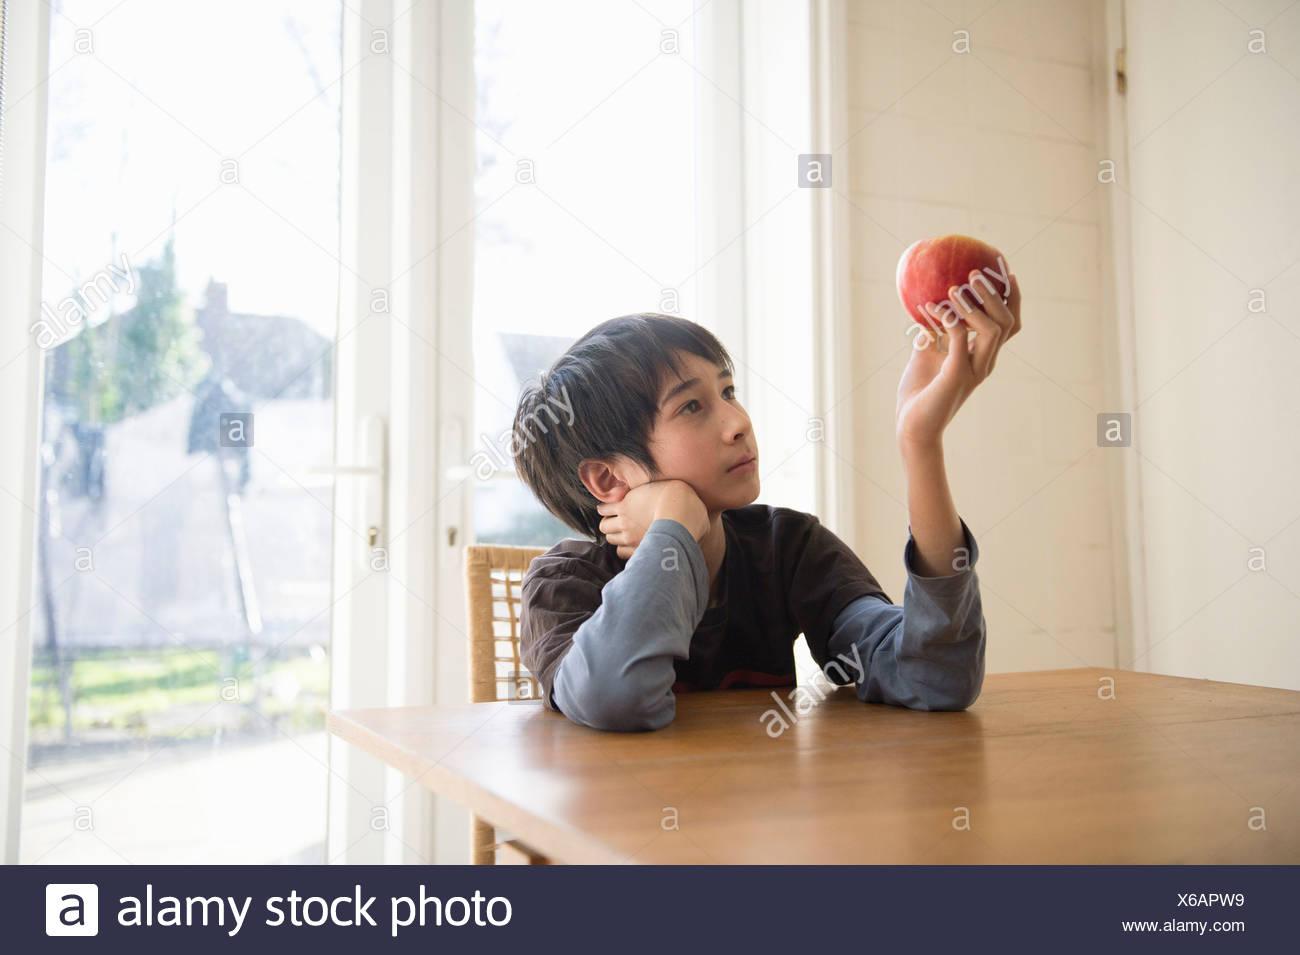 Muchacho sentado a la mesa, sosteniendo una manzana en frente de él Imagen De Stock